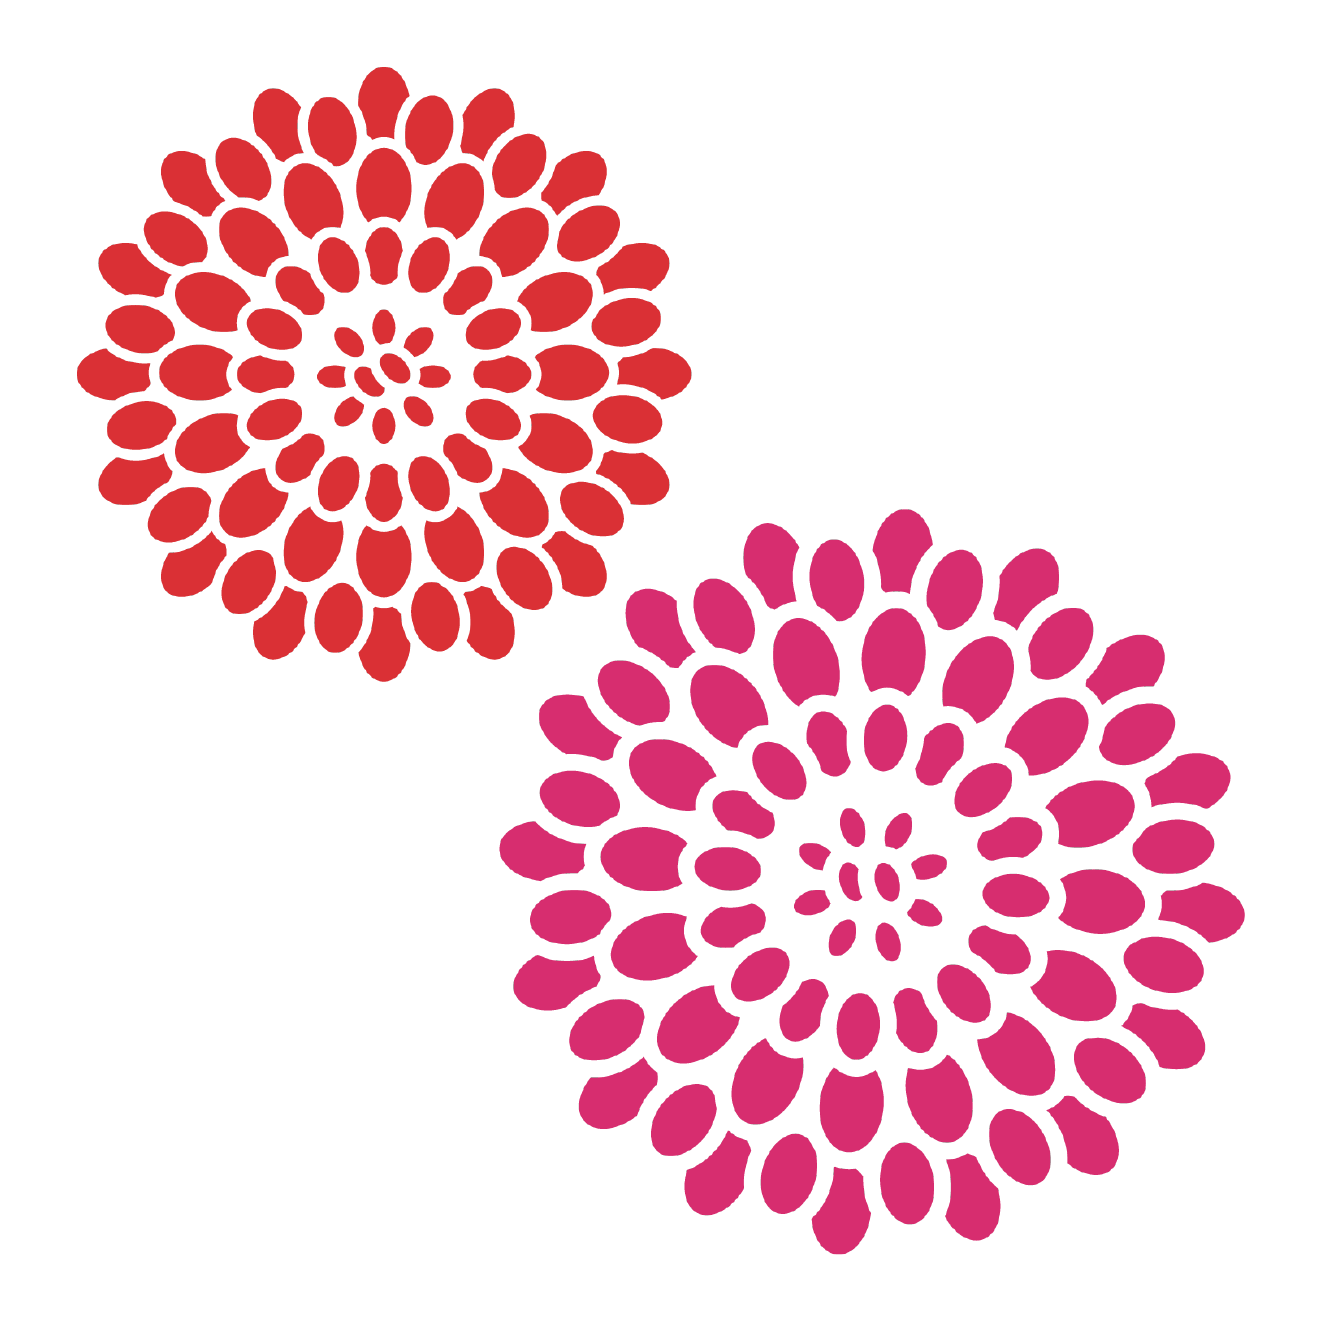 年賀状に使えそうな和風お花のデザインイラスト 商用フリー無料の